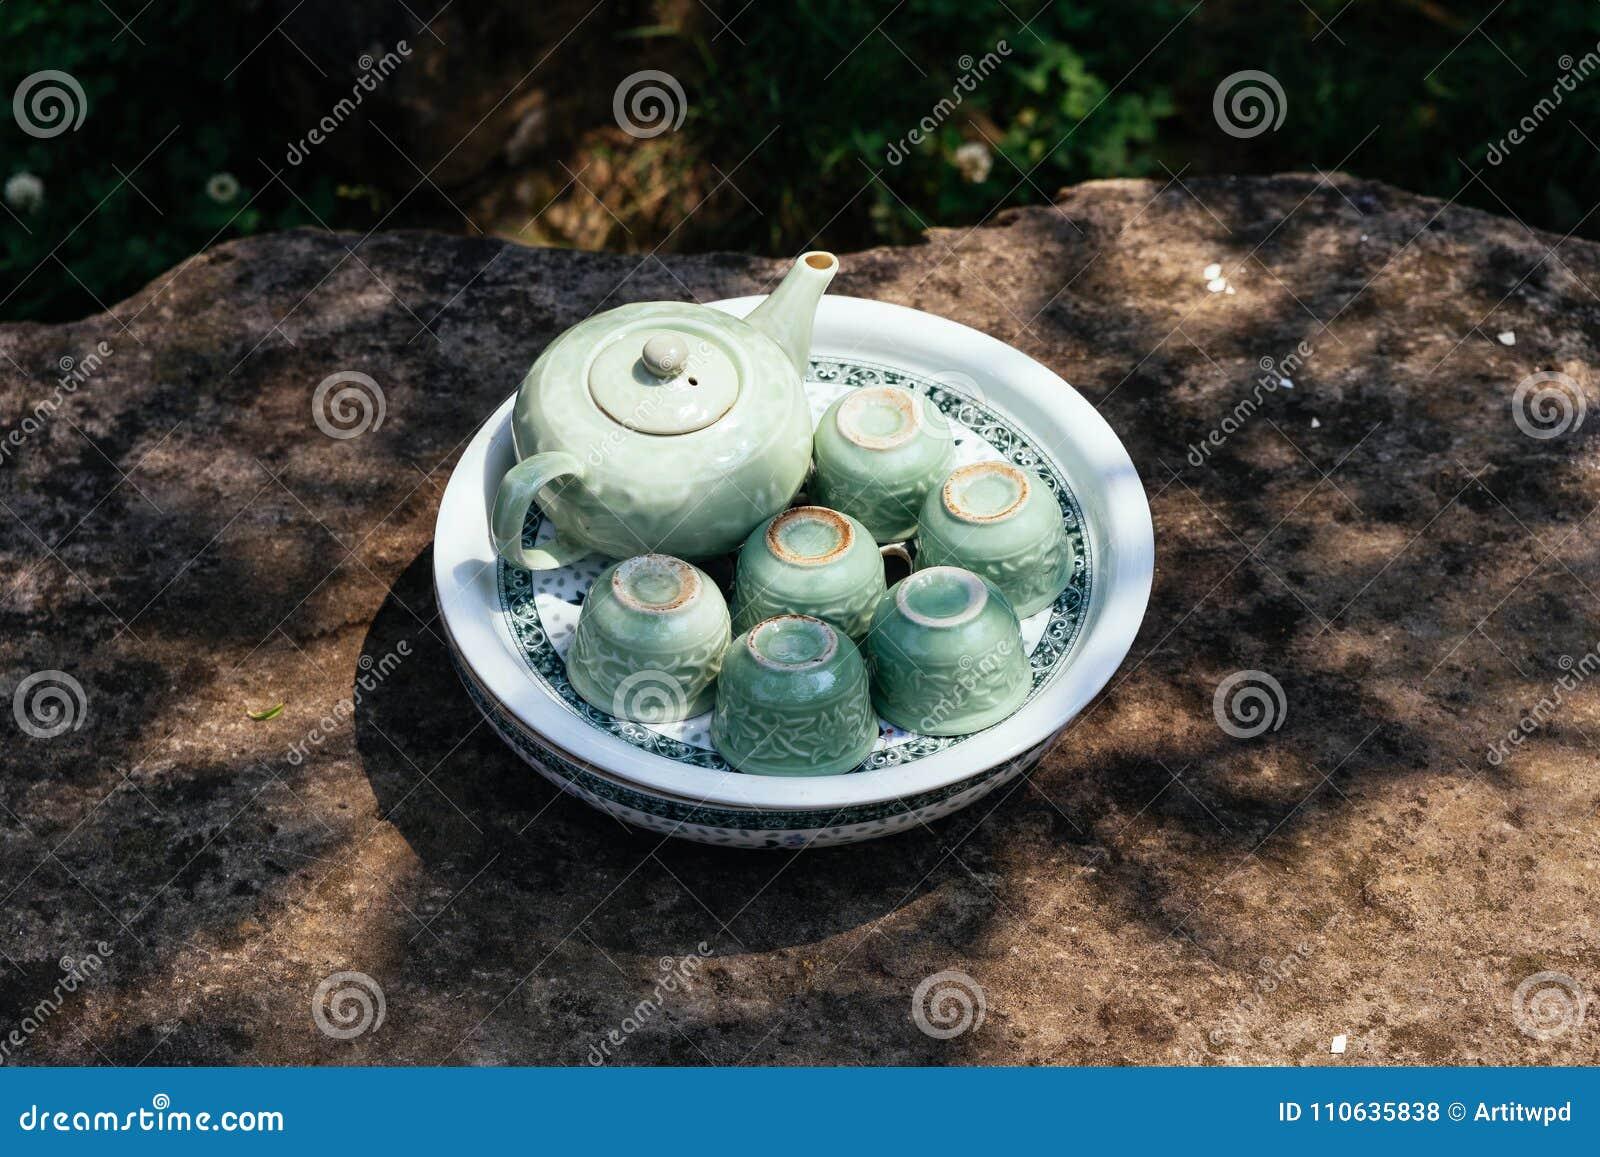 Luz - grupo de chá cerâmico verde que inclui o frasco, os copos e a placa na tabela de pedra sob a sombra da árvore em Ham Rong M